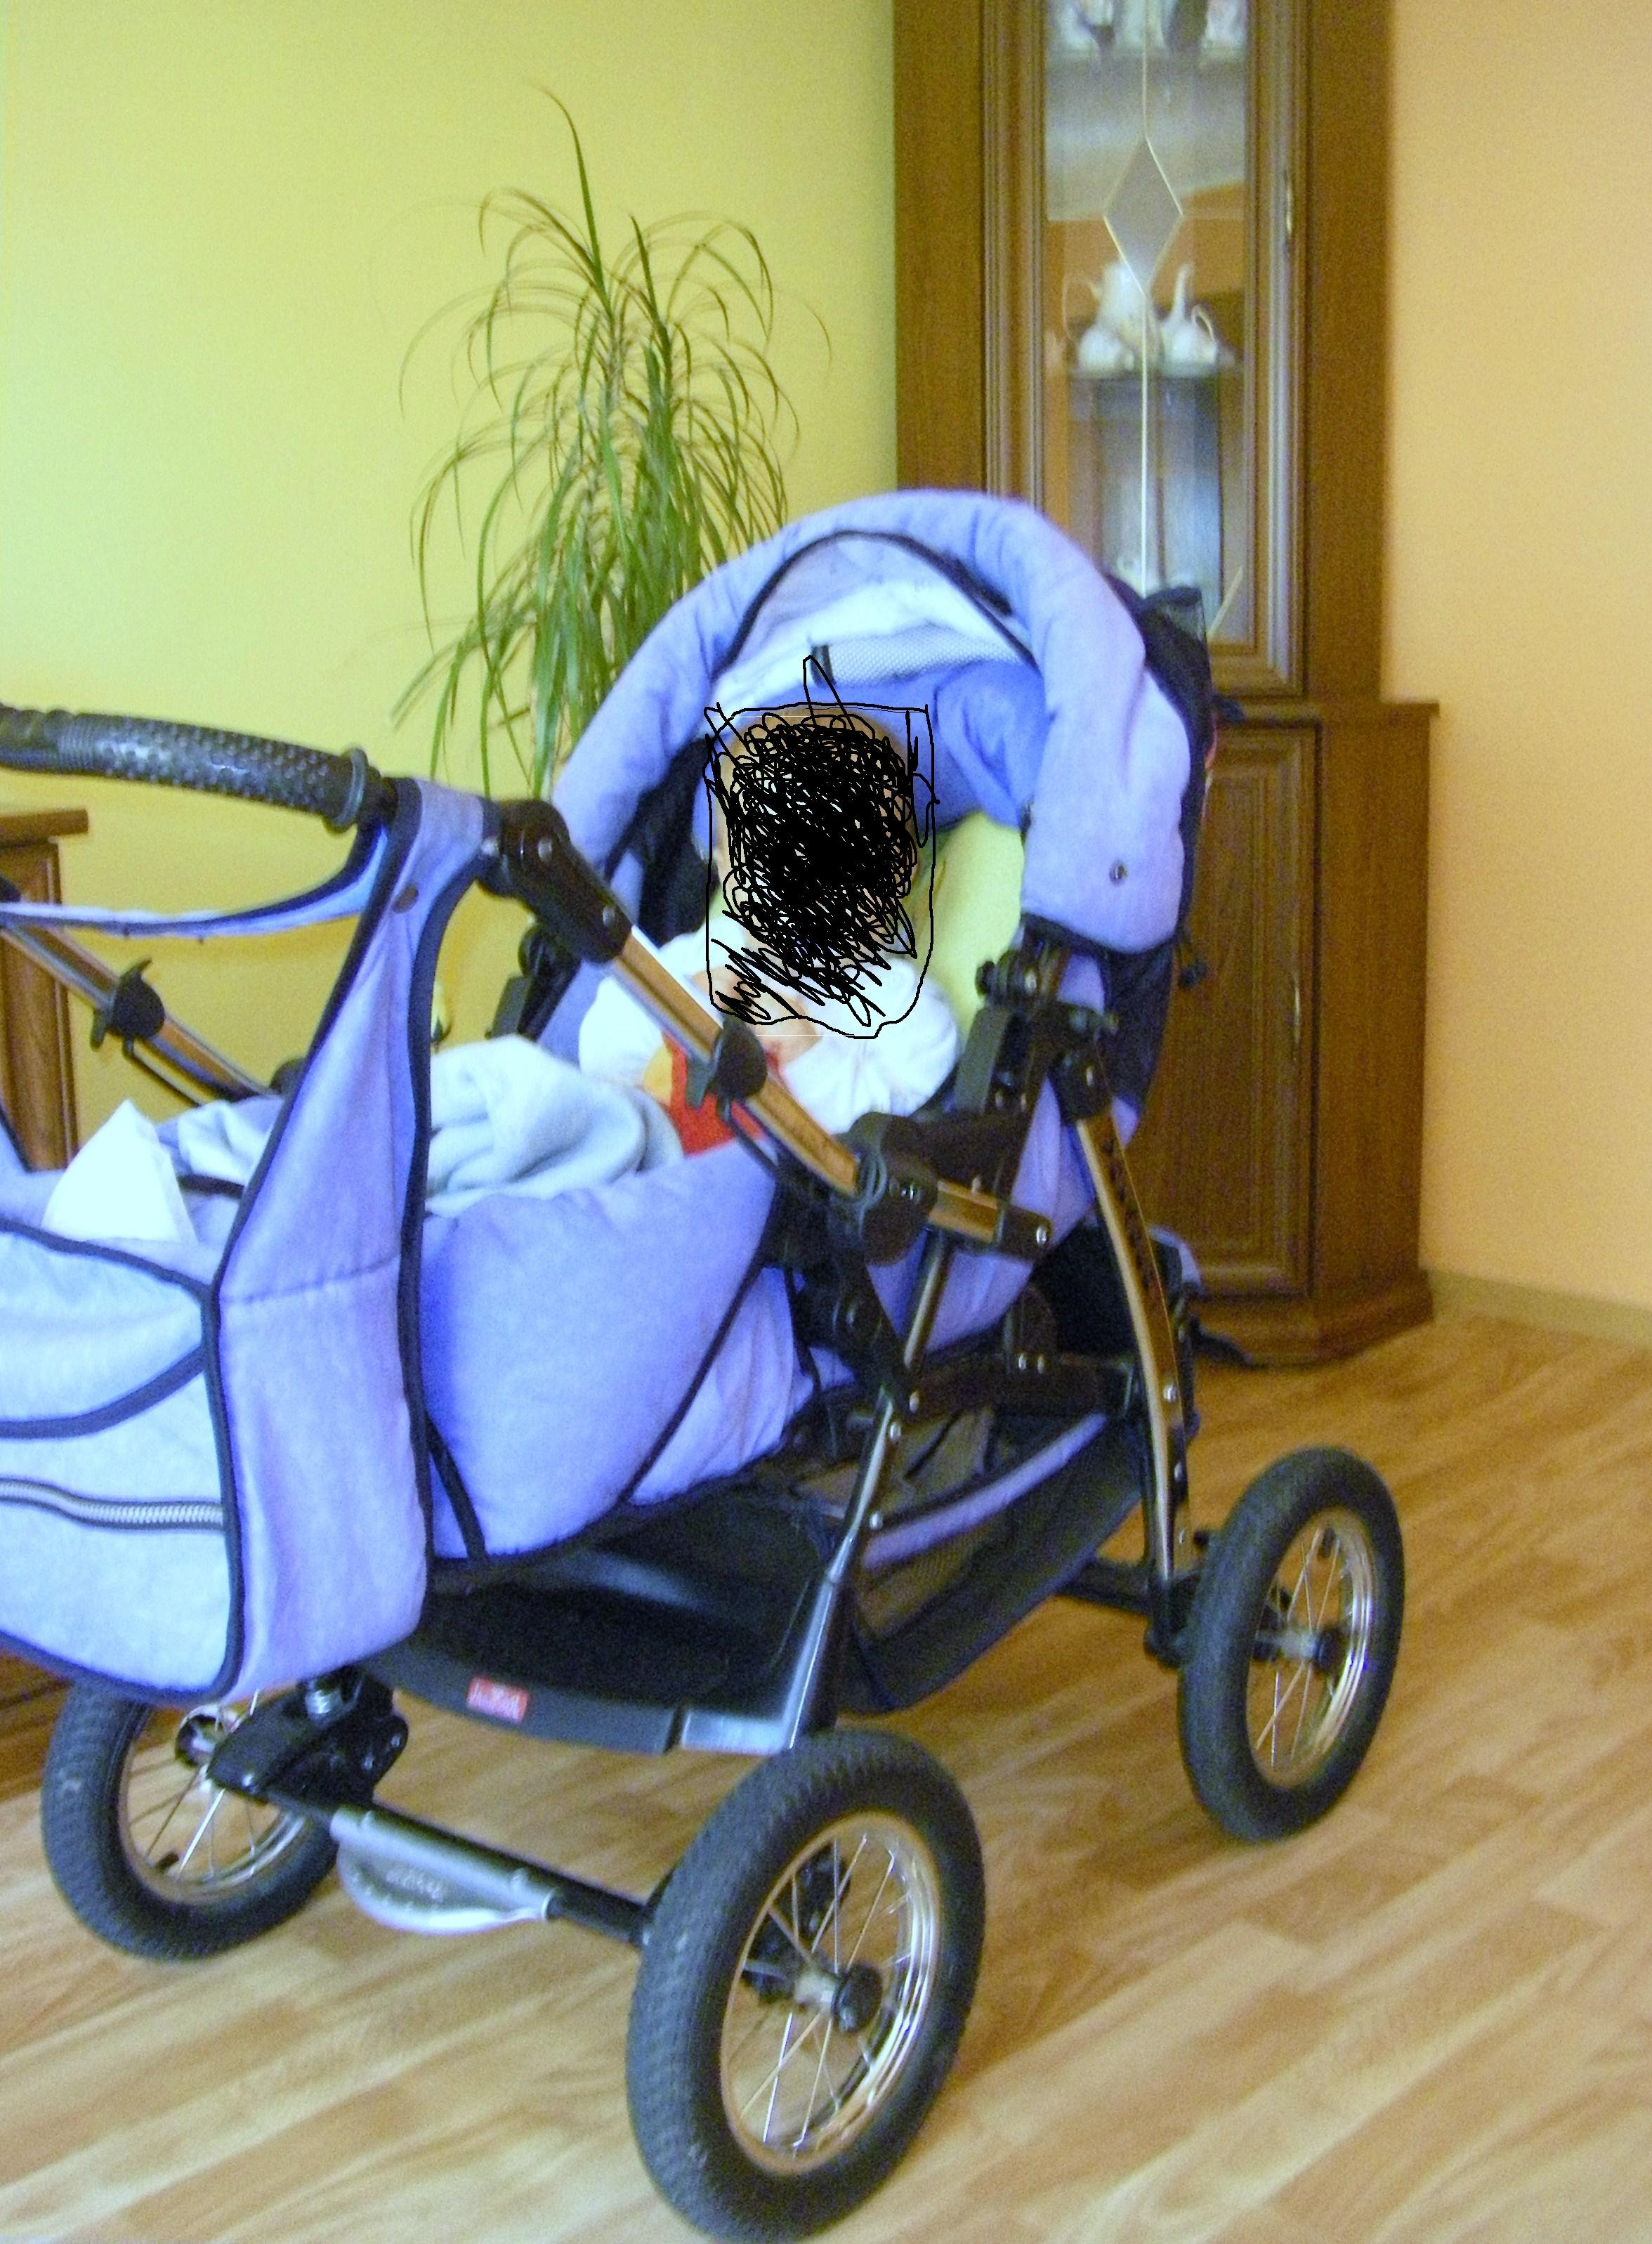 Sprzedam wózek dziecięcy 2w1(gondola+spacerówka+ torba) mało używany zadbany POLECAM